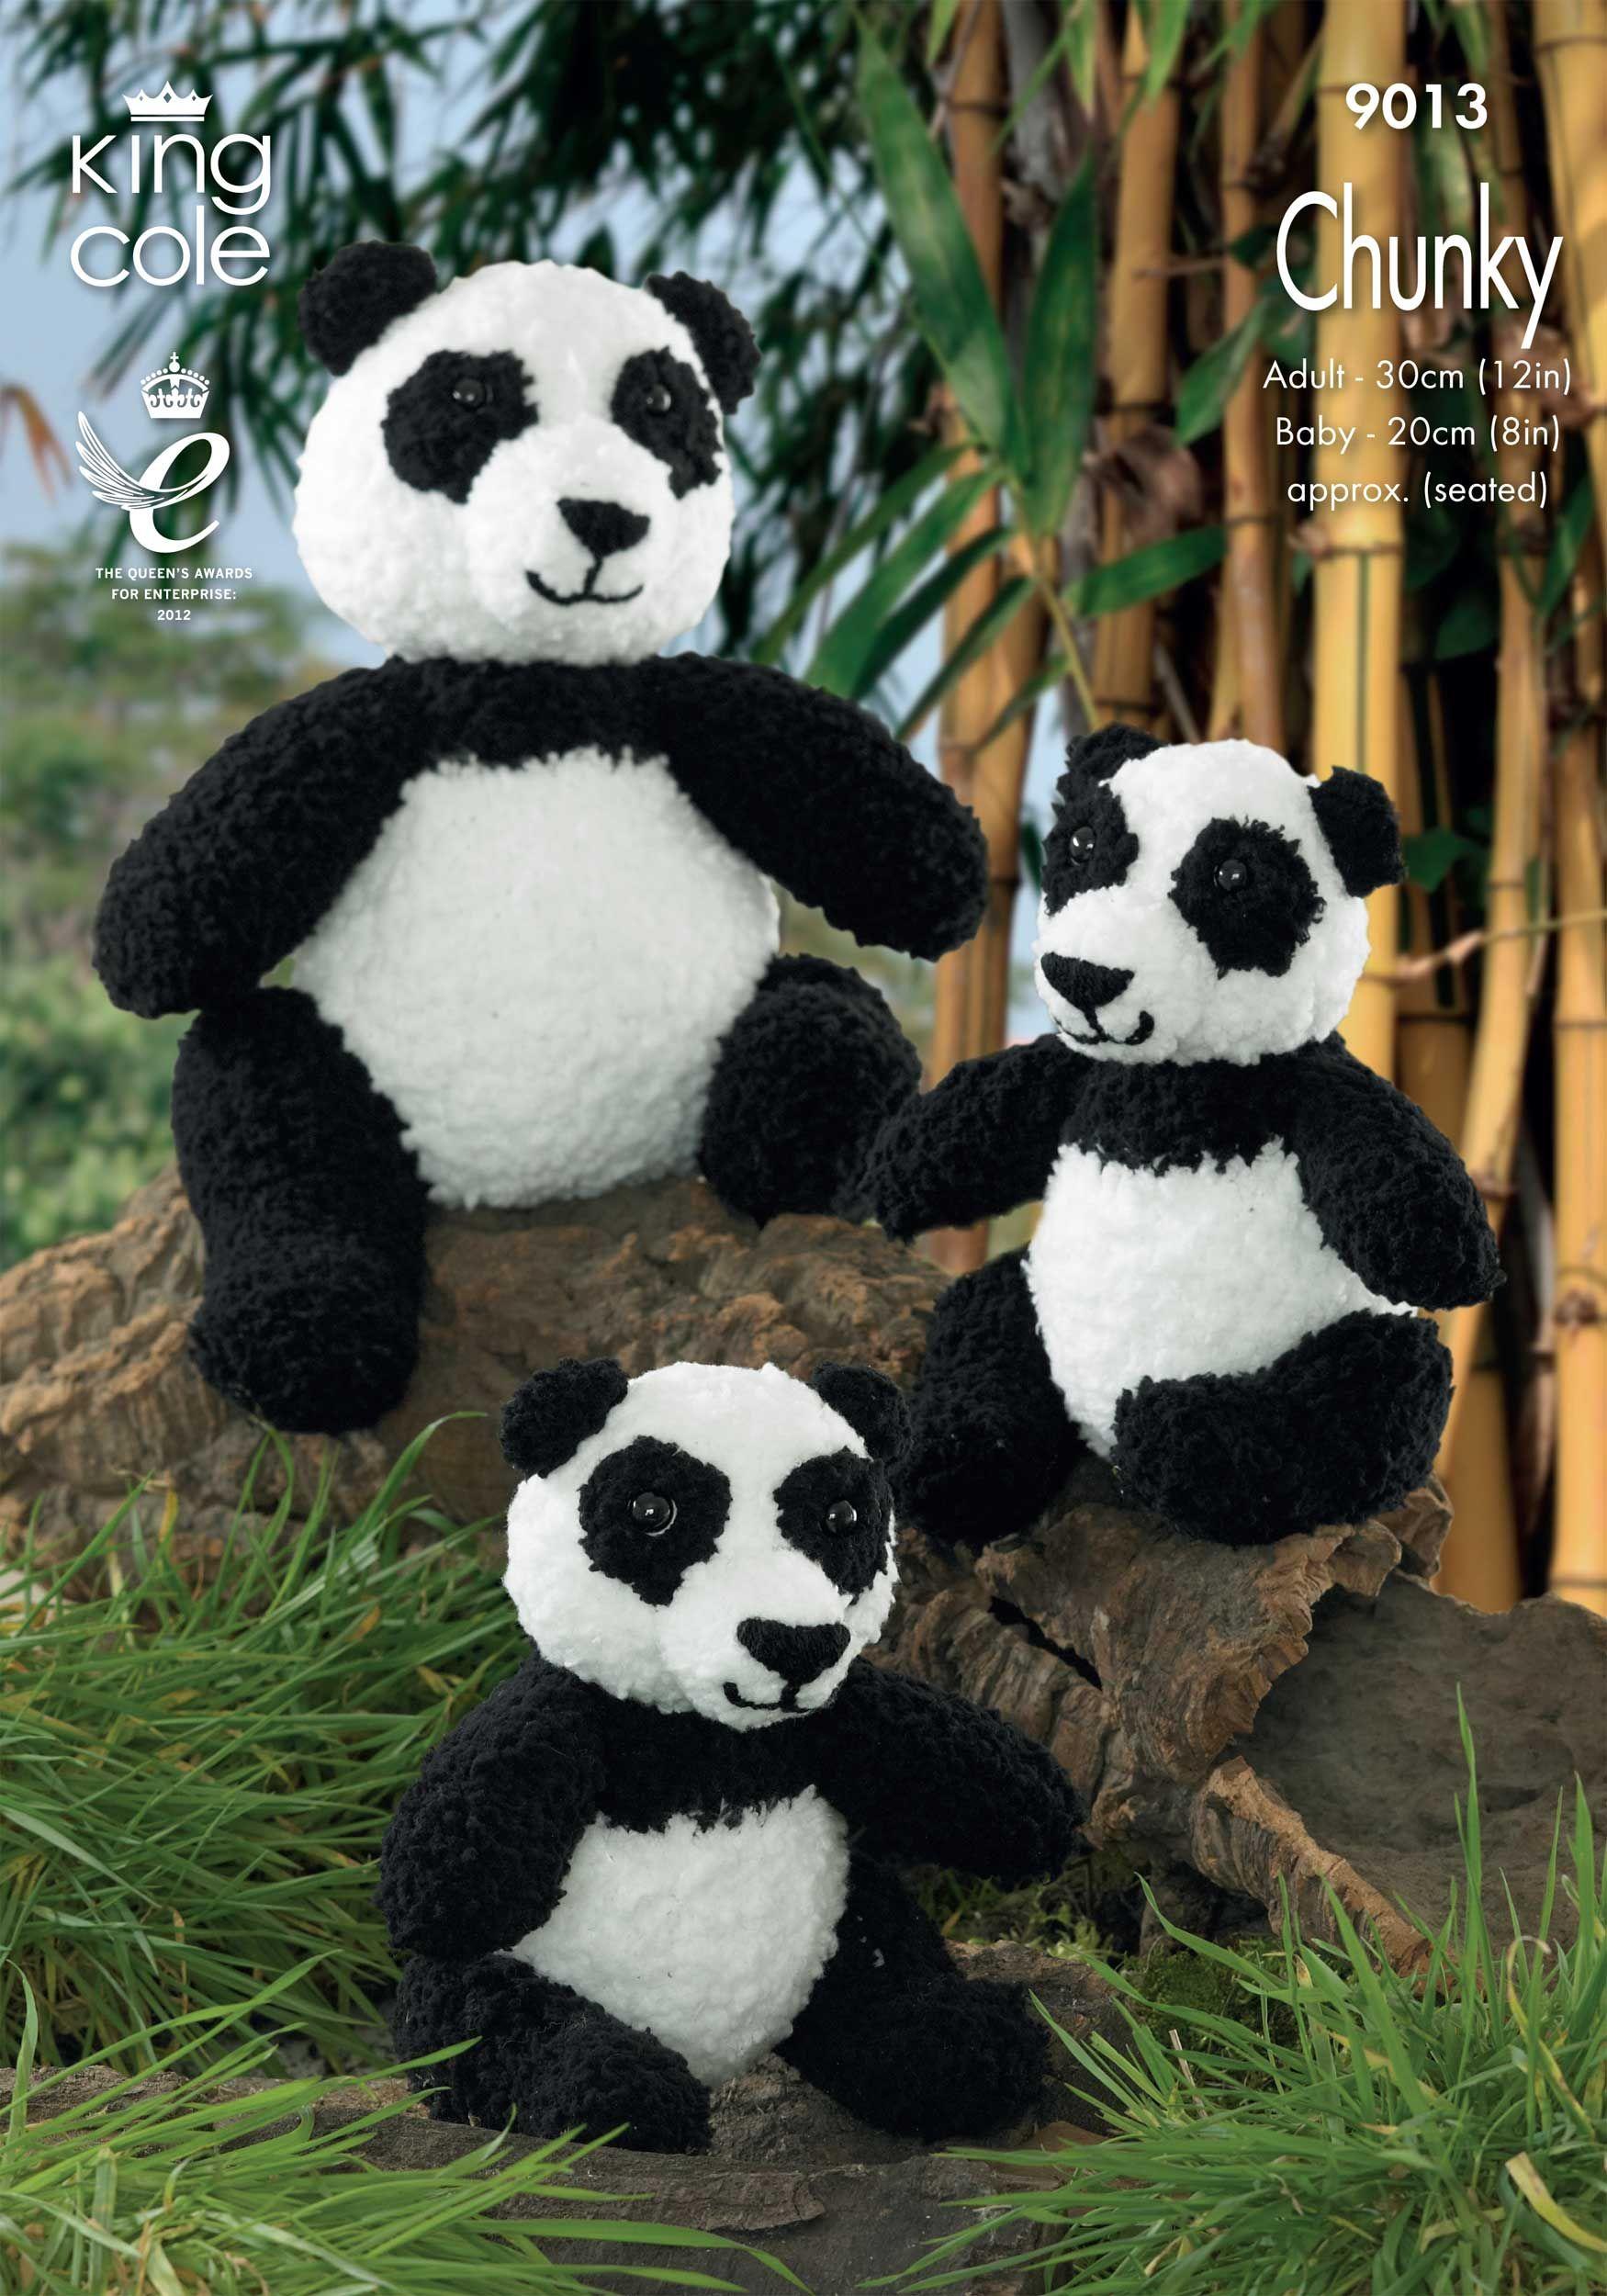 Knitted Panda Toys - King Cole   Haken   Pinterest